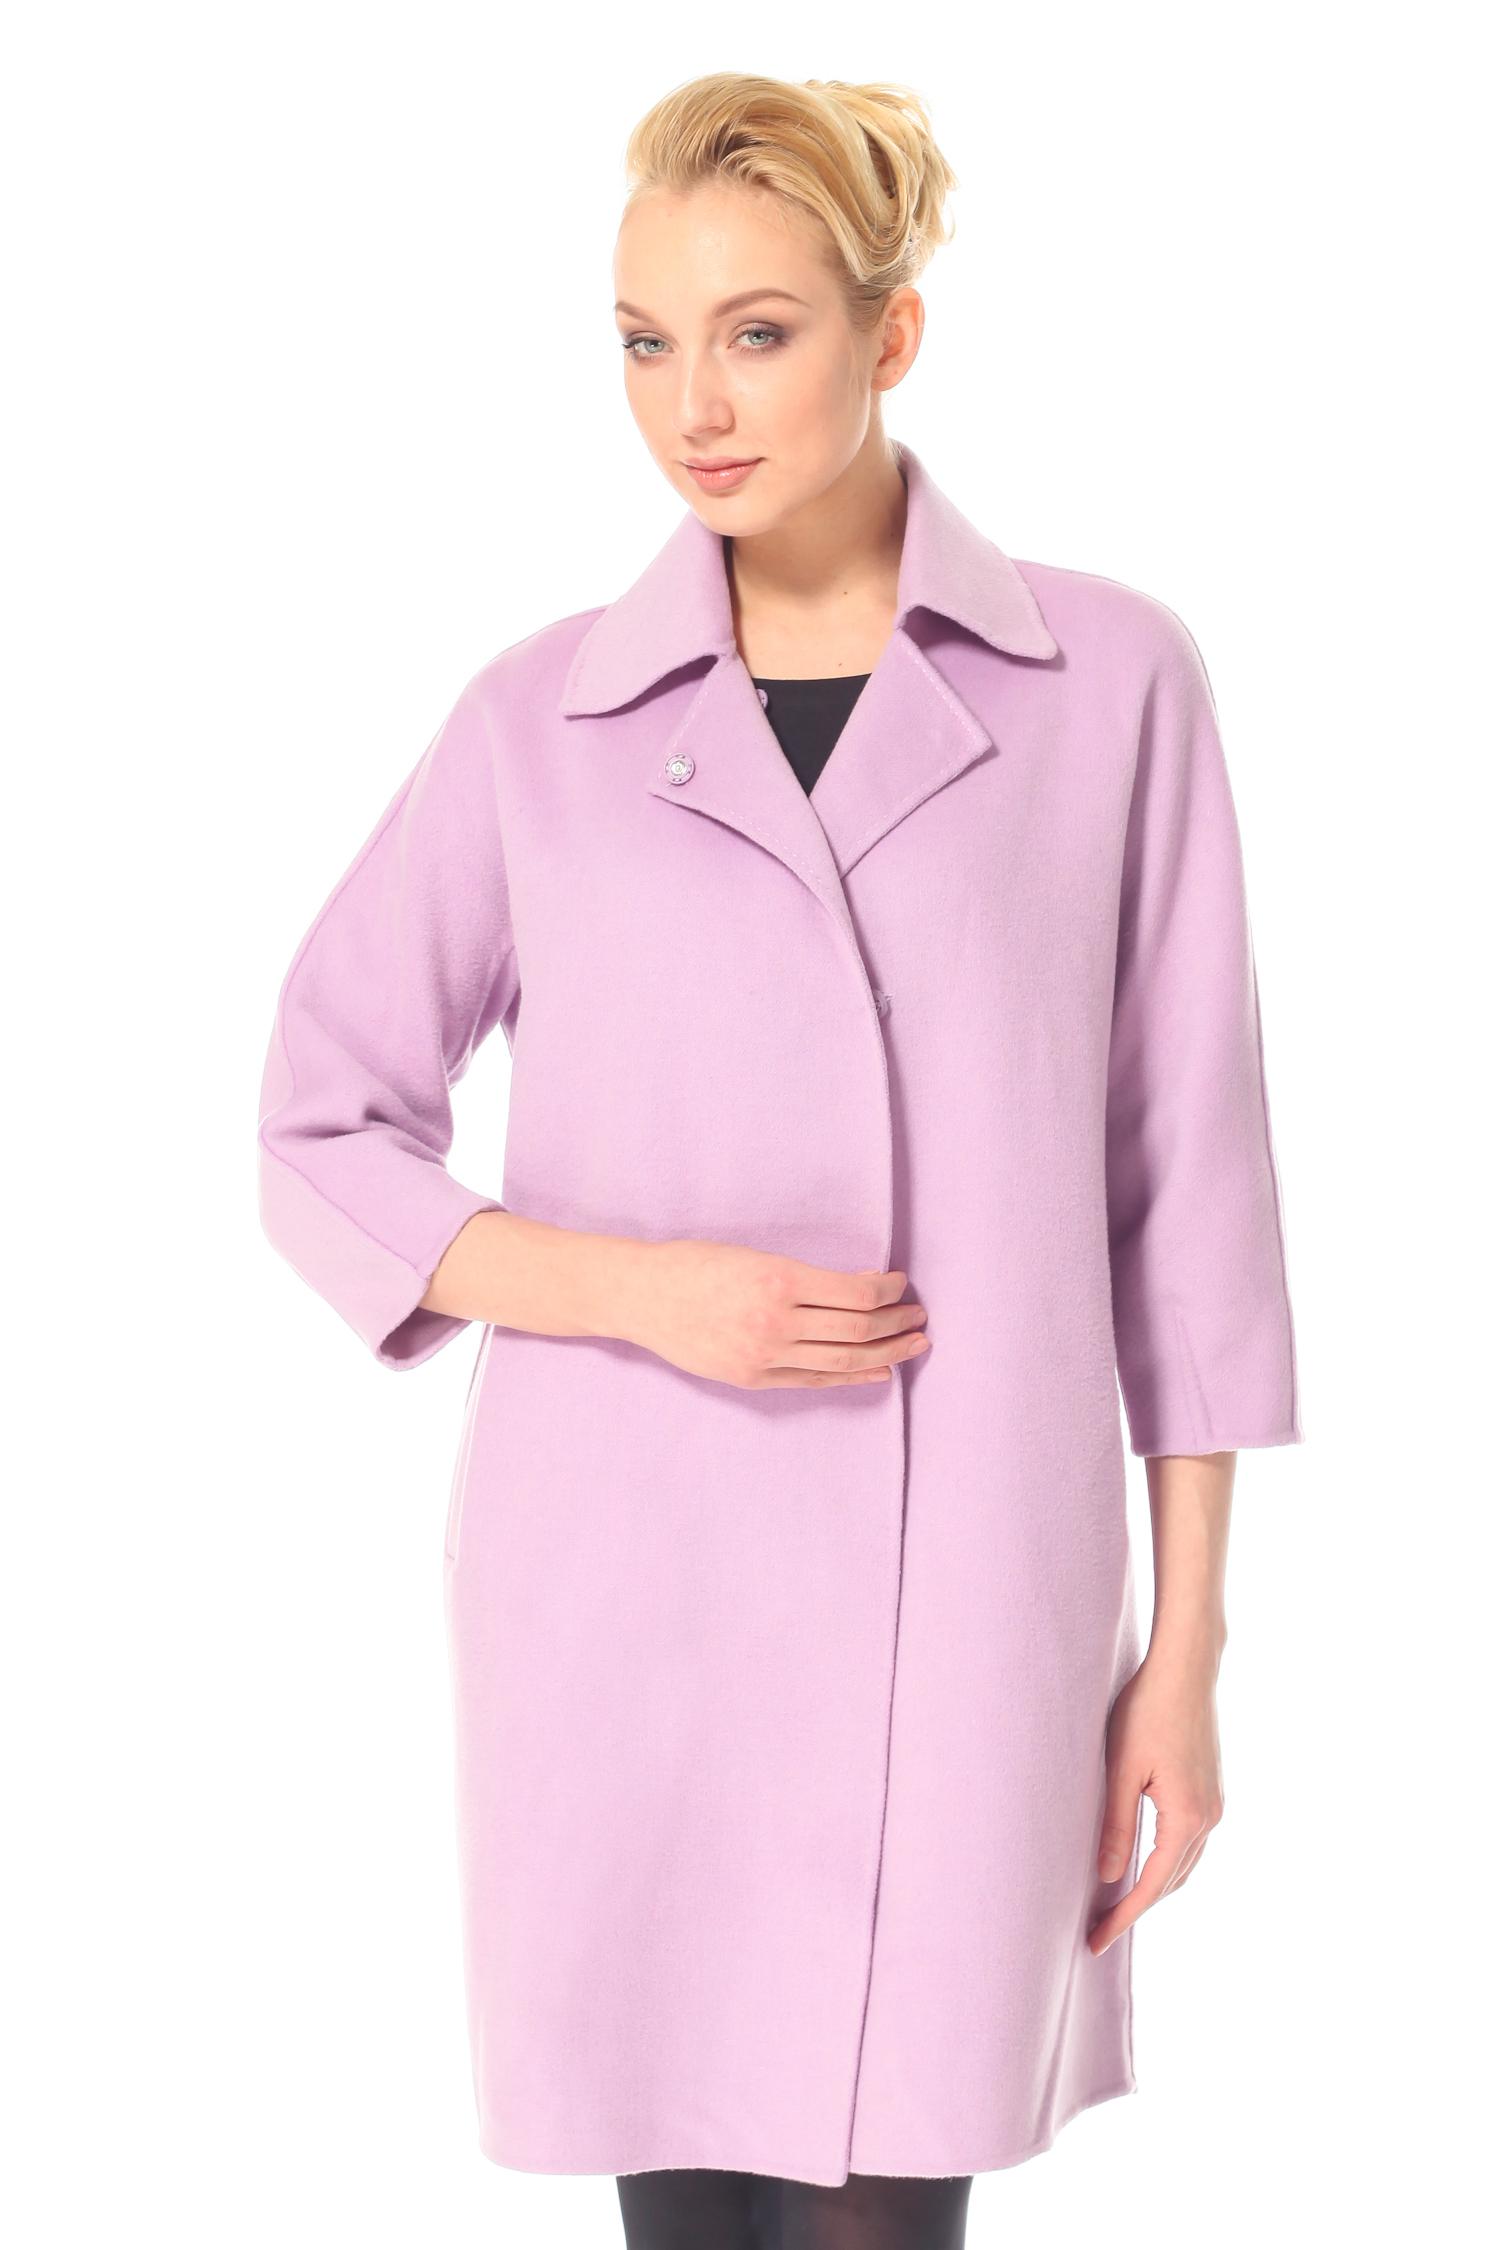 Фото 7 - Женское пальто из текстиля с воротником от МОСМЕХА цвета фуксия